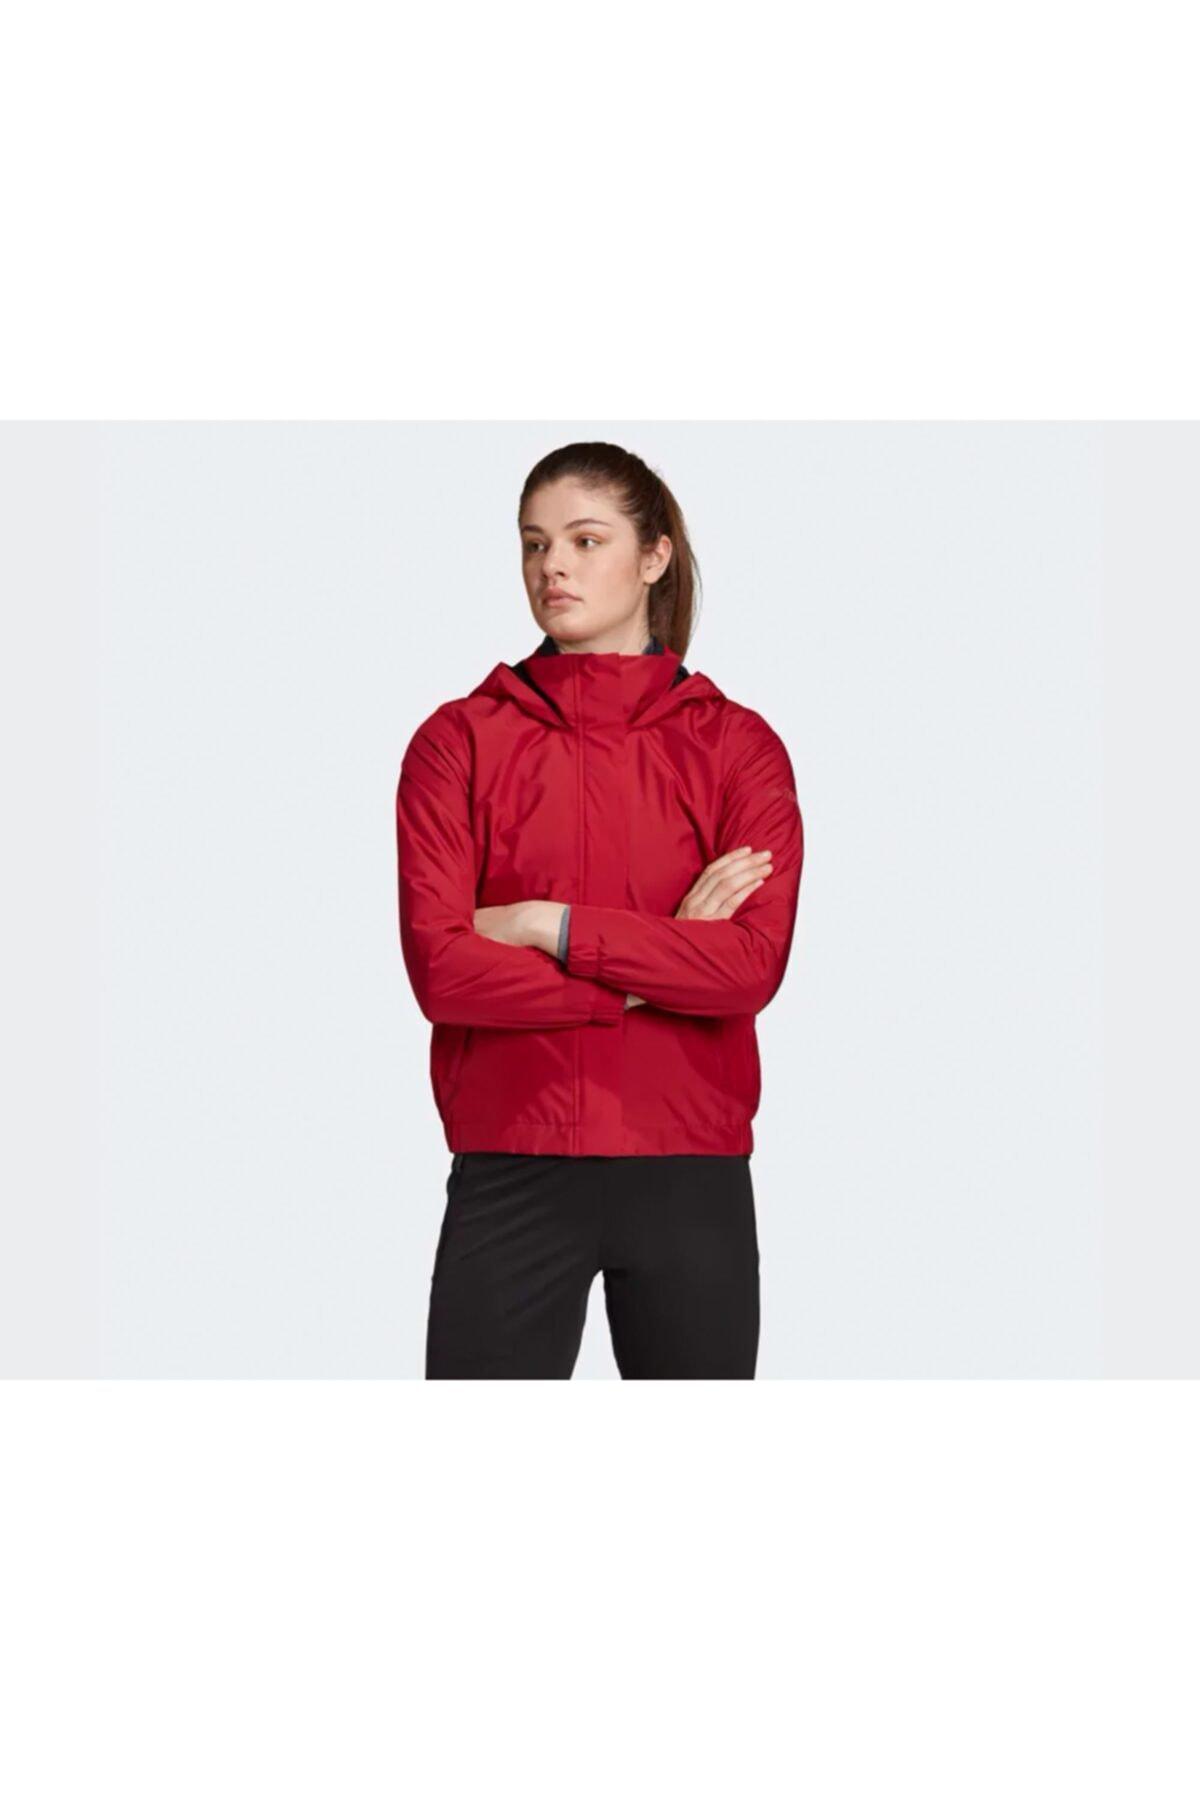 خرید ارزان کاپشن ورزشی مردانه پیاده روی برند ادیداس رنگ قرمز ty46127237